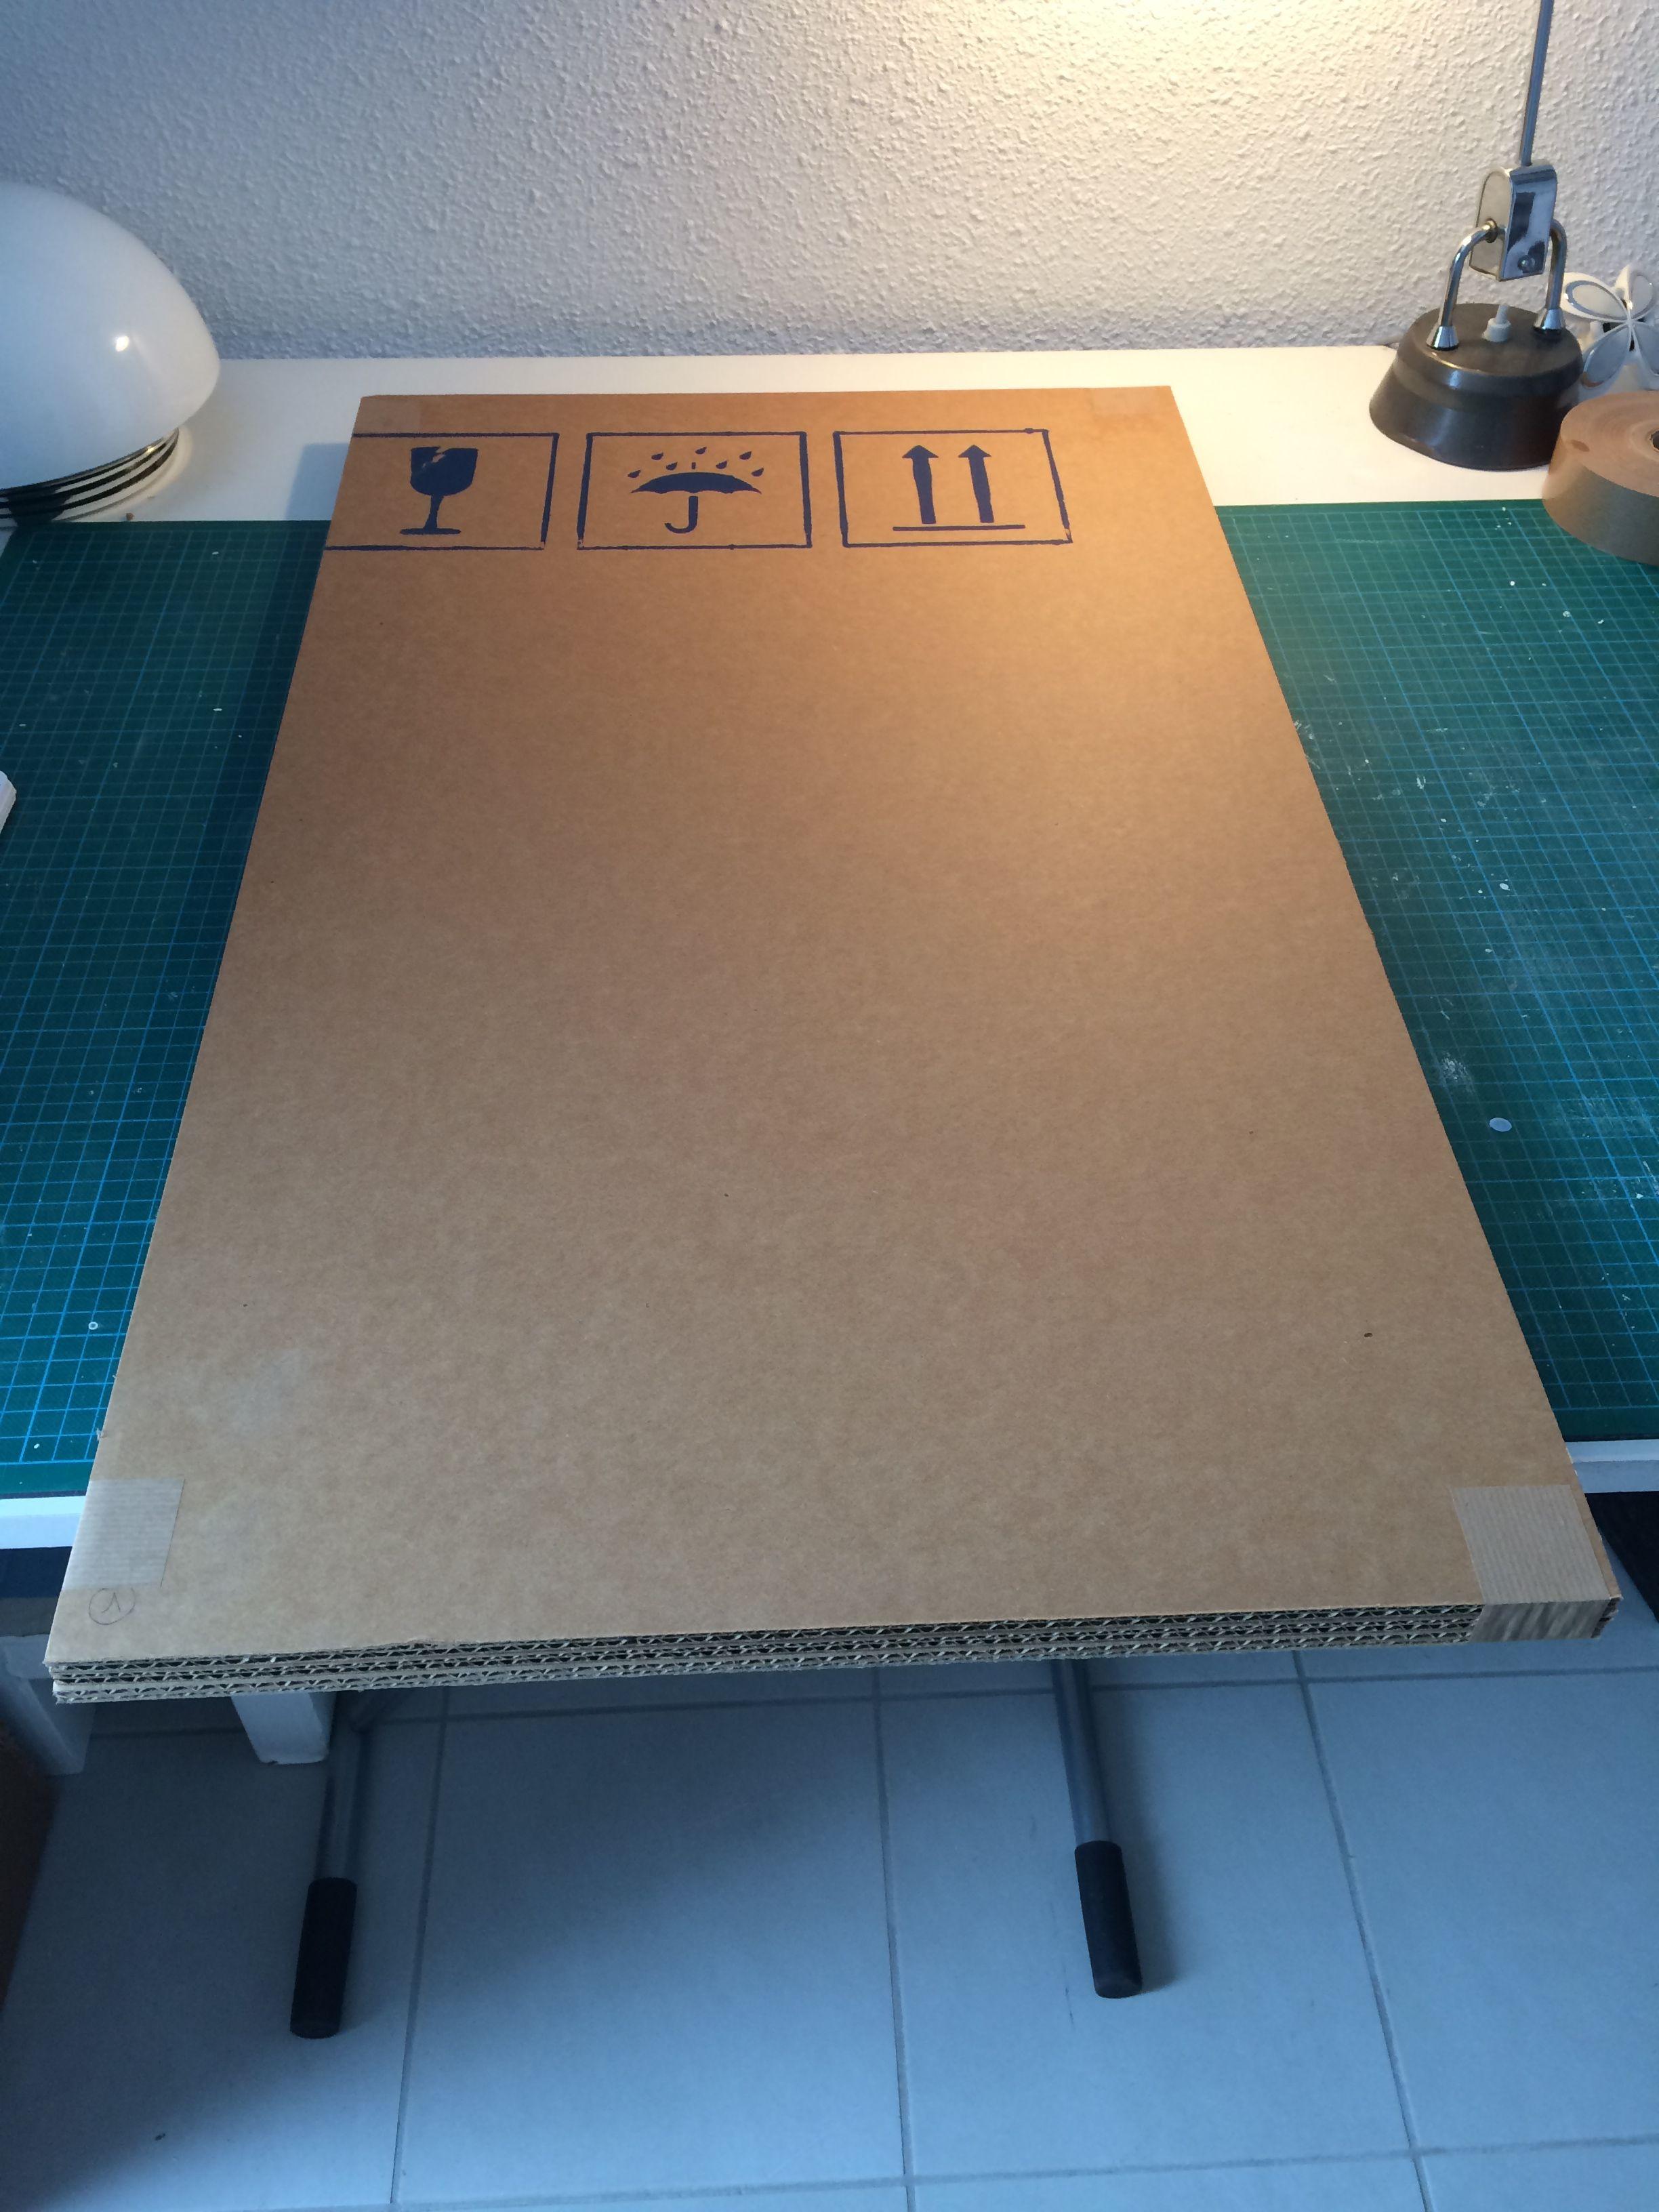 Equerrer Une Plaque De Carton Maison De Poupee En Carton Recycler Carton Design En Carton